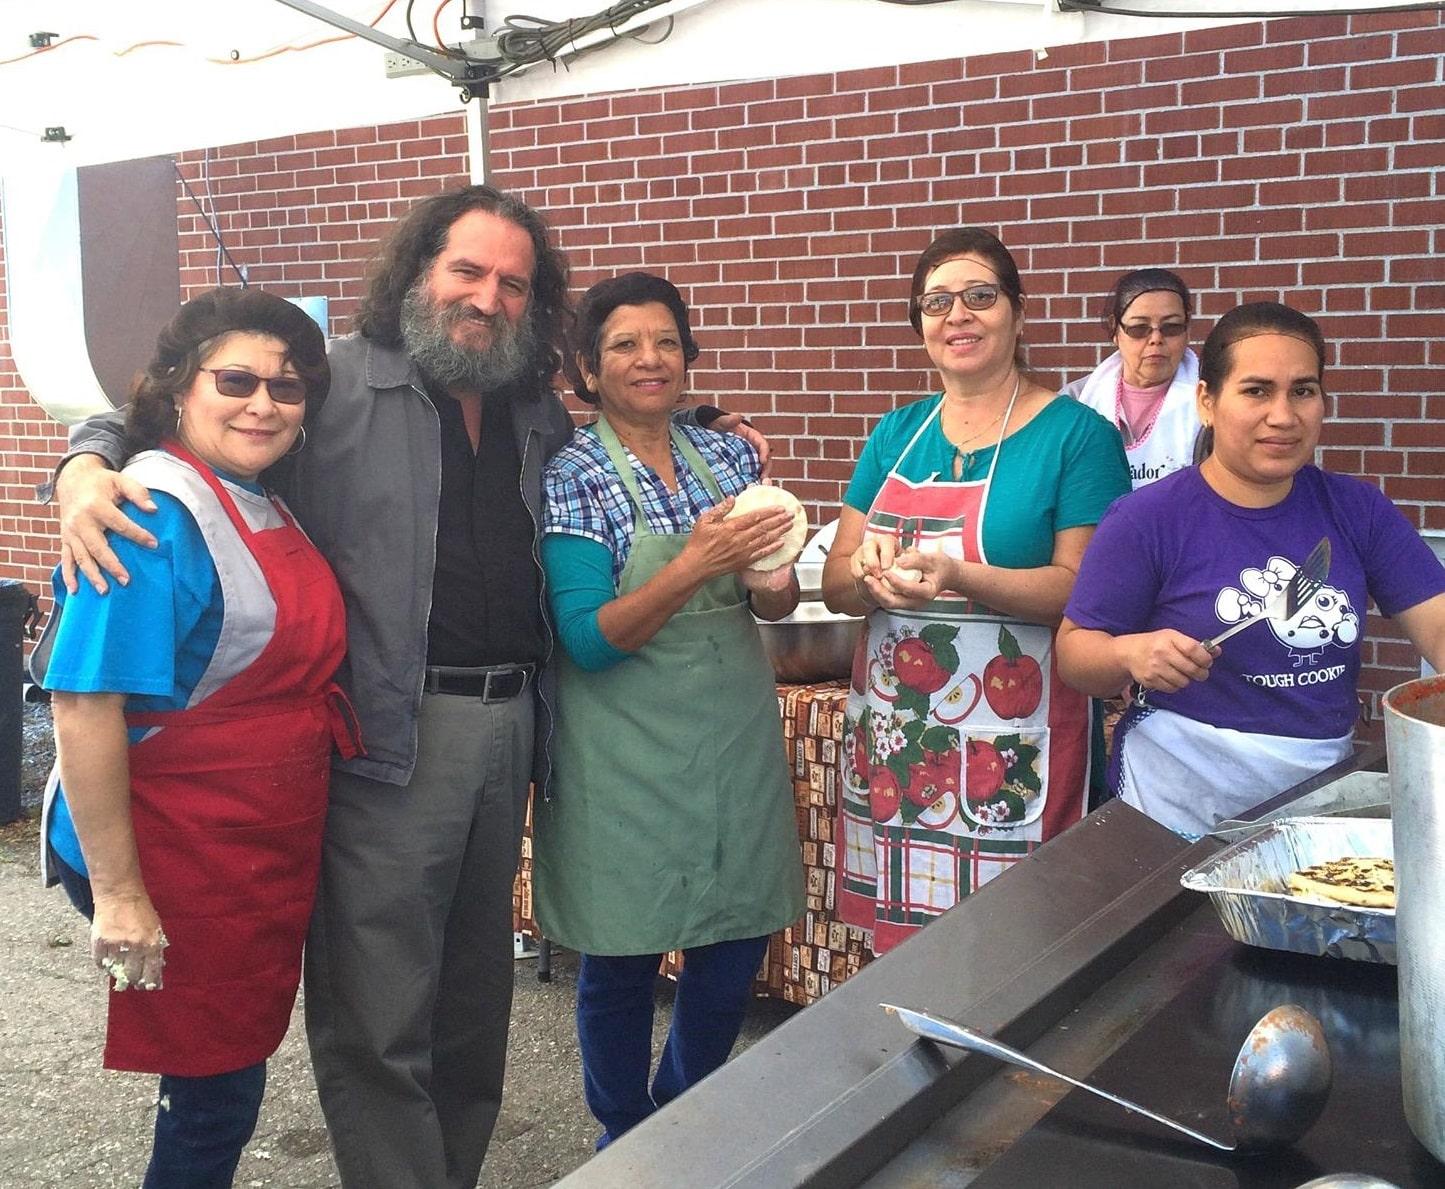 Con éxito Octavo Festival de la Pupusa dedica celebración a México